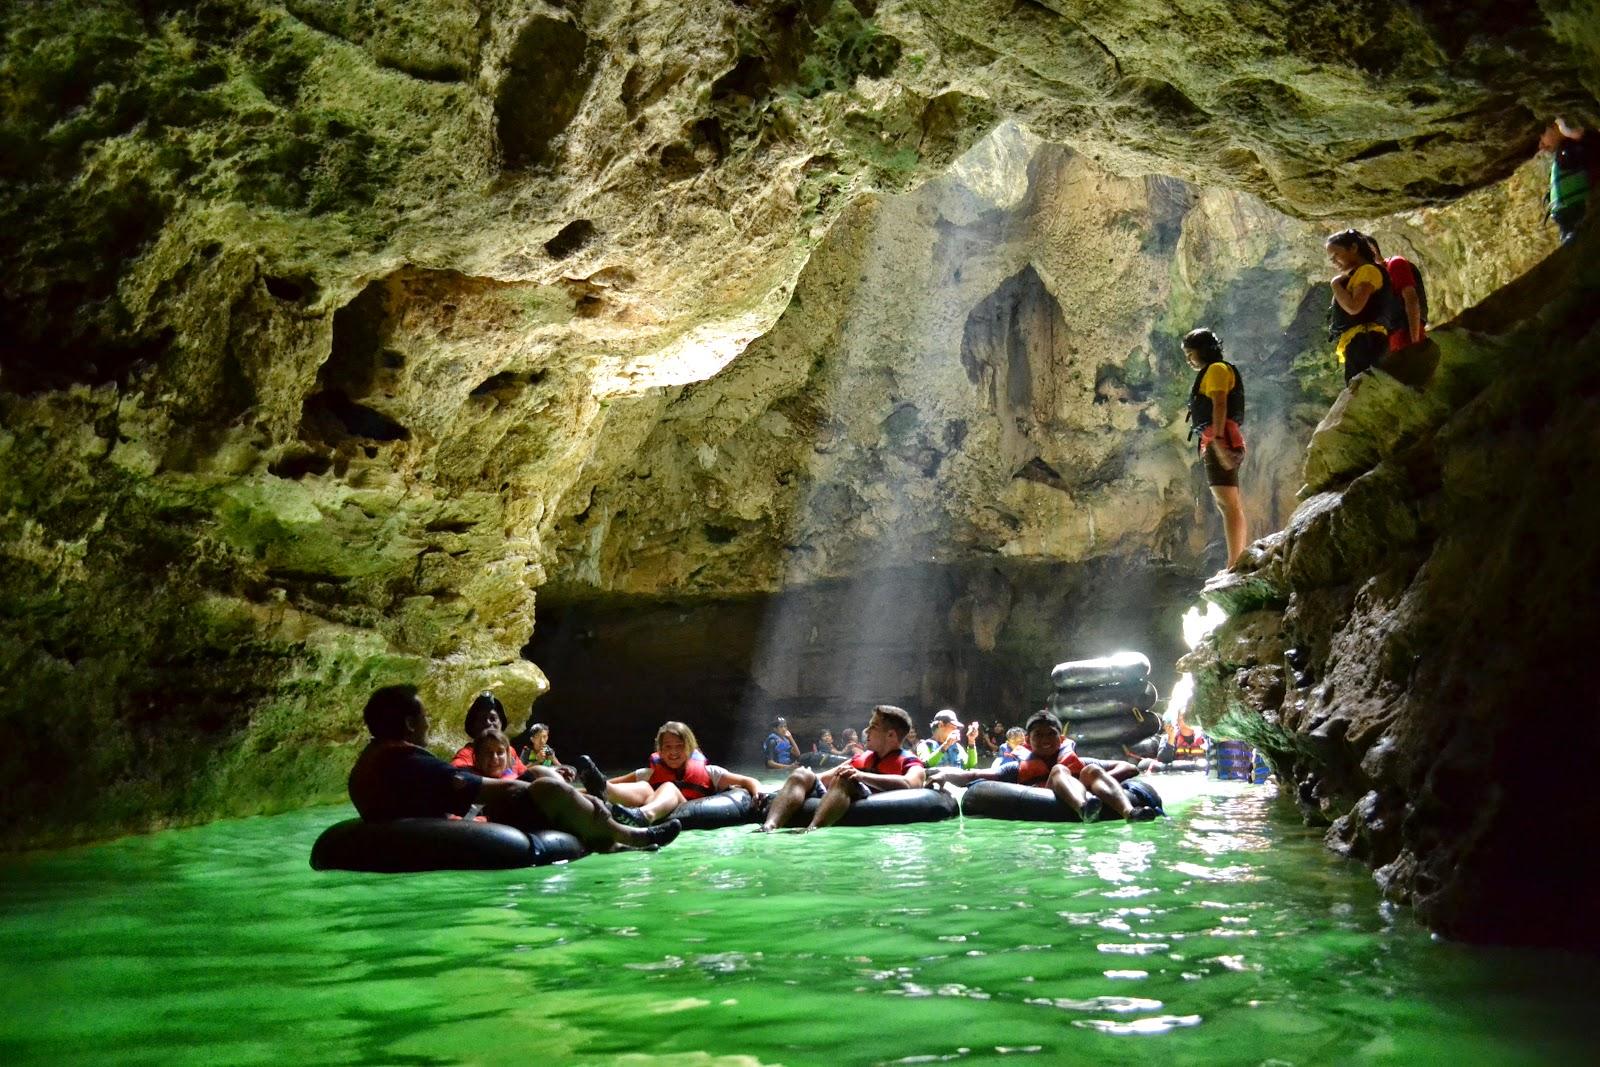 25 Tempat Wisata Di Jogja Yang Wajib Dikunjungi